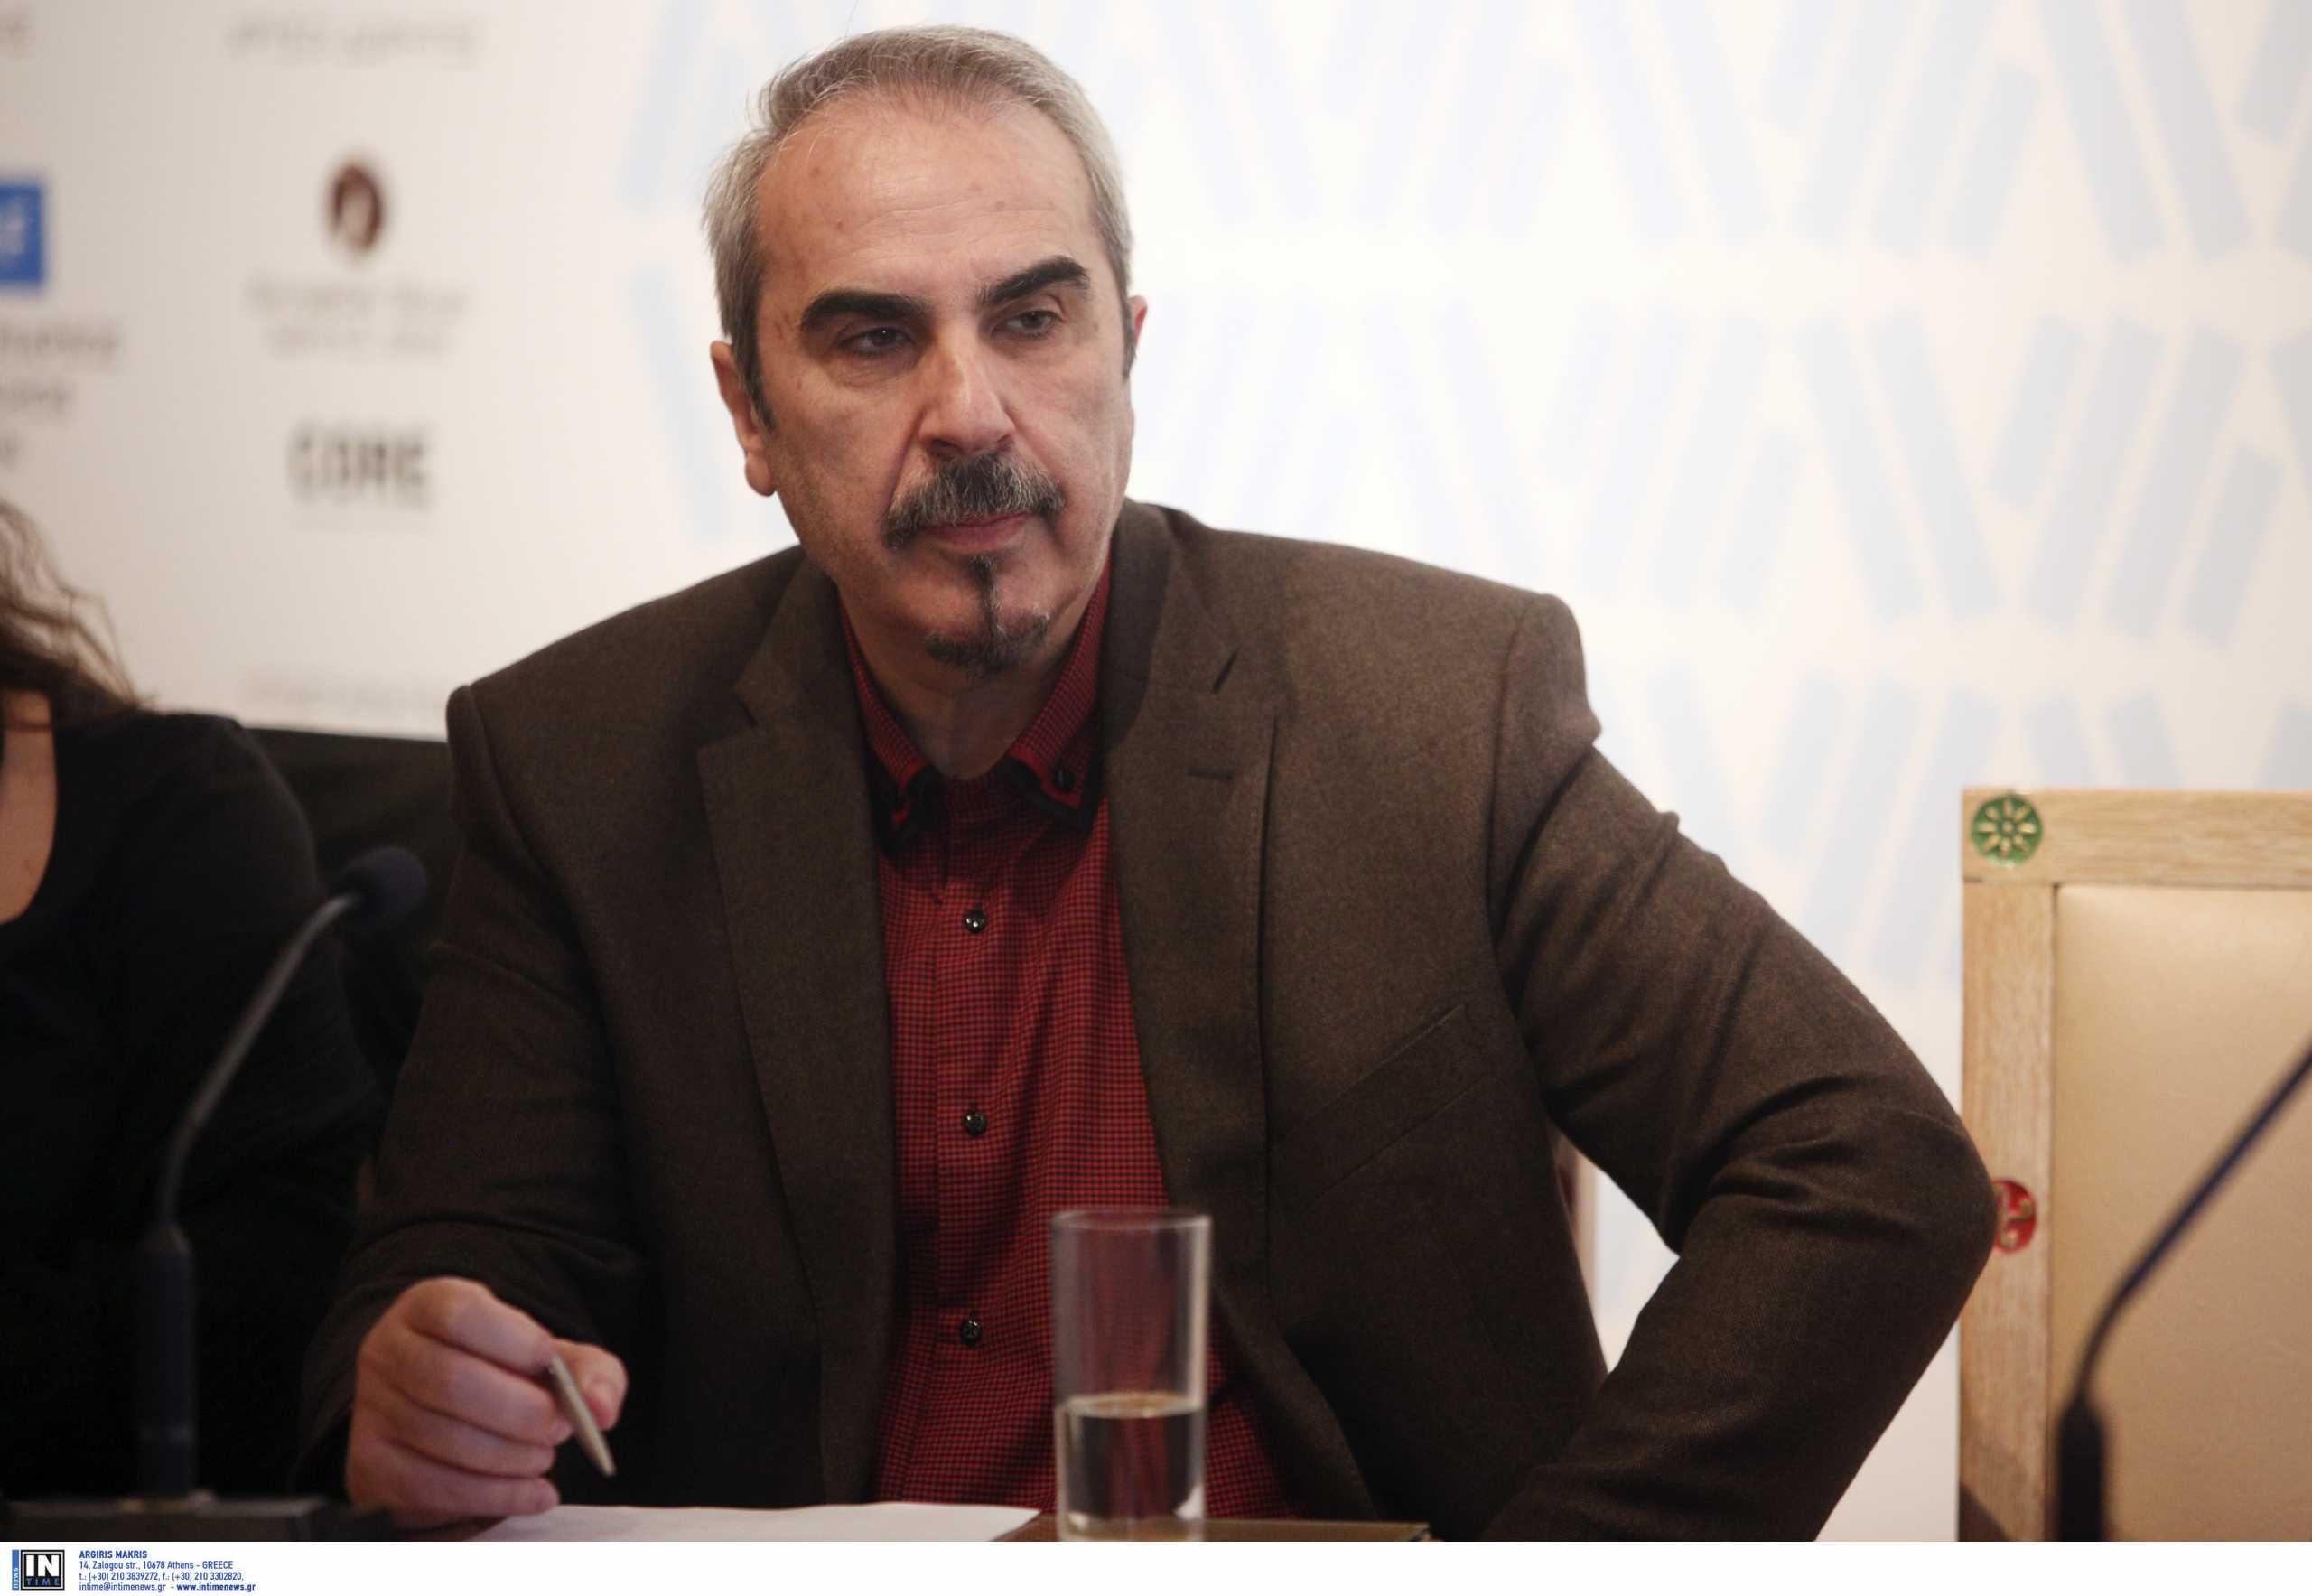 Σύρος: Παραιτήθηκε ο Βαγγέλης Περρής από δημοτικός σύμβουλος – Τι γράφει στην επιστολή του